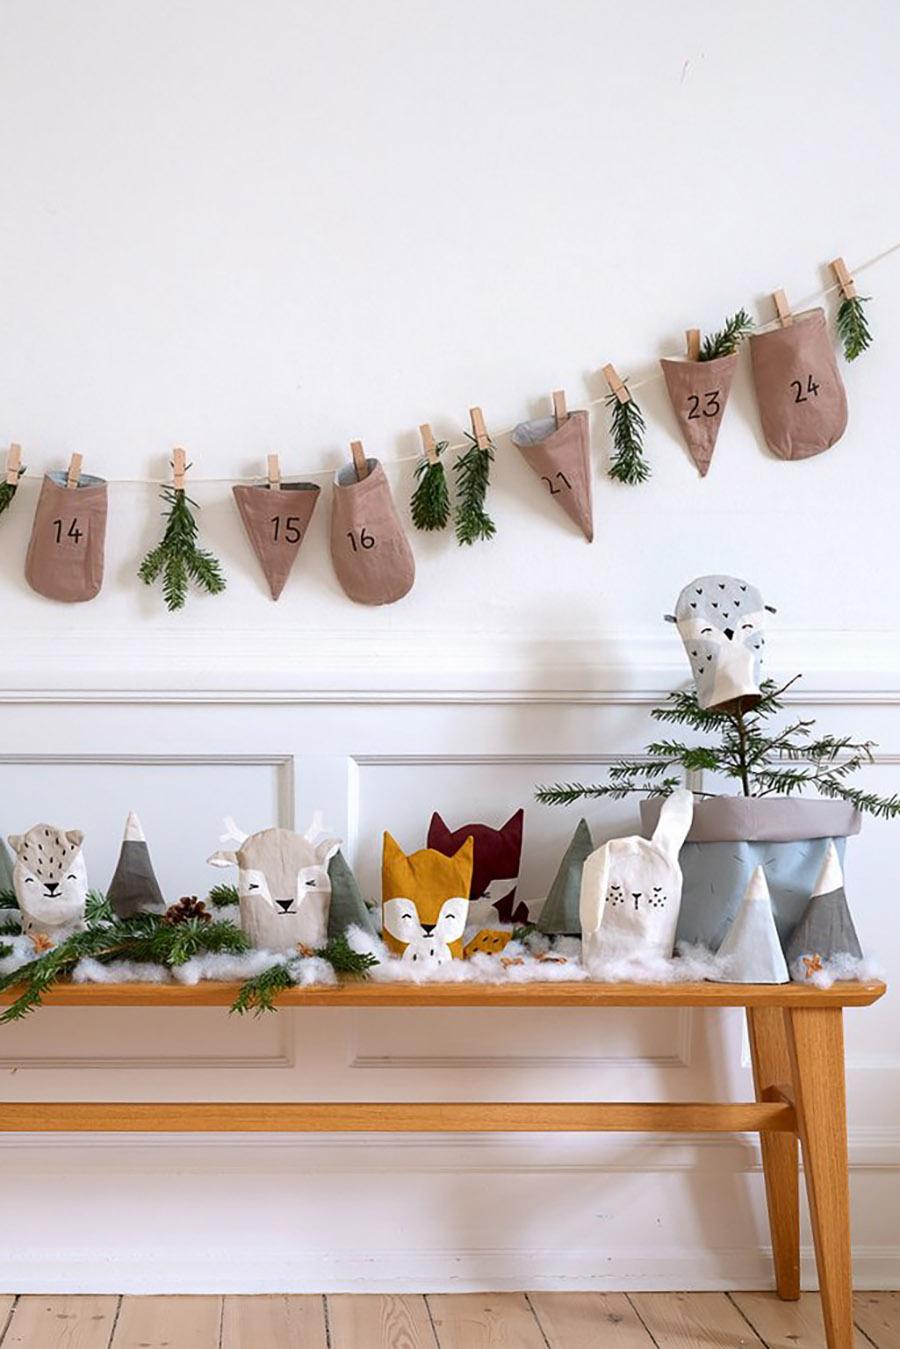 Adventskalender für Kinder füllen: 24 Geschenkideen #advent #adventskalender #weihnachtsgeschenke #geschenkefürkinder